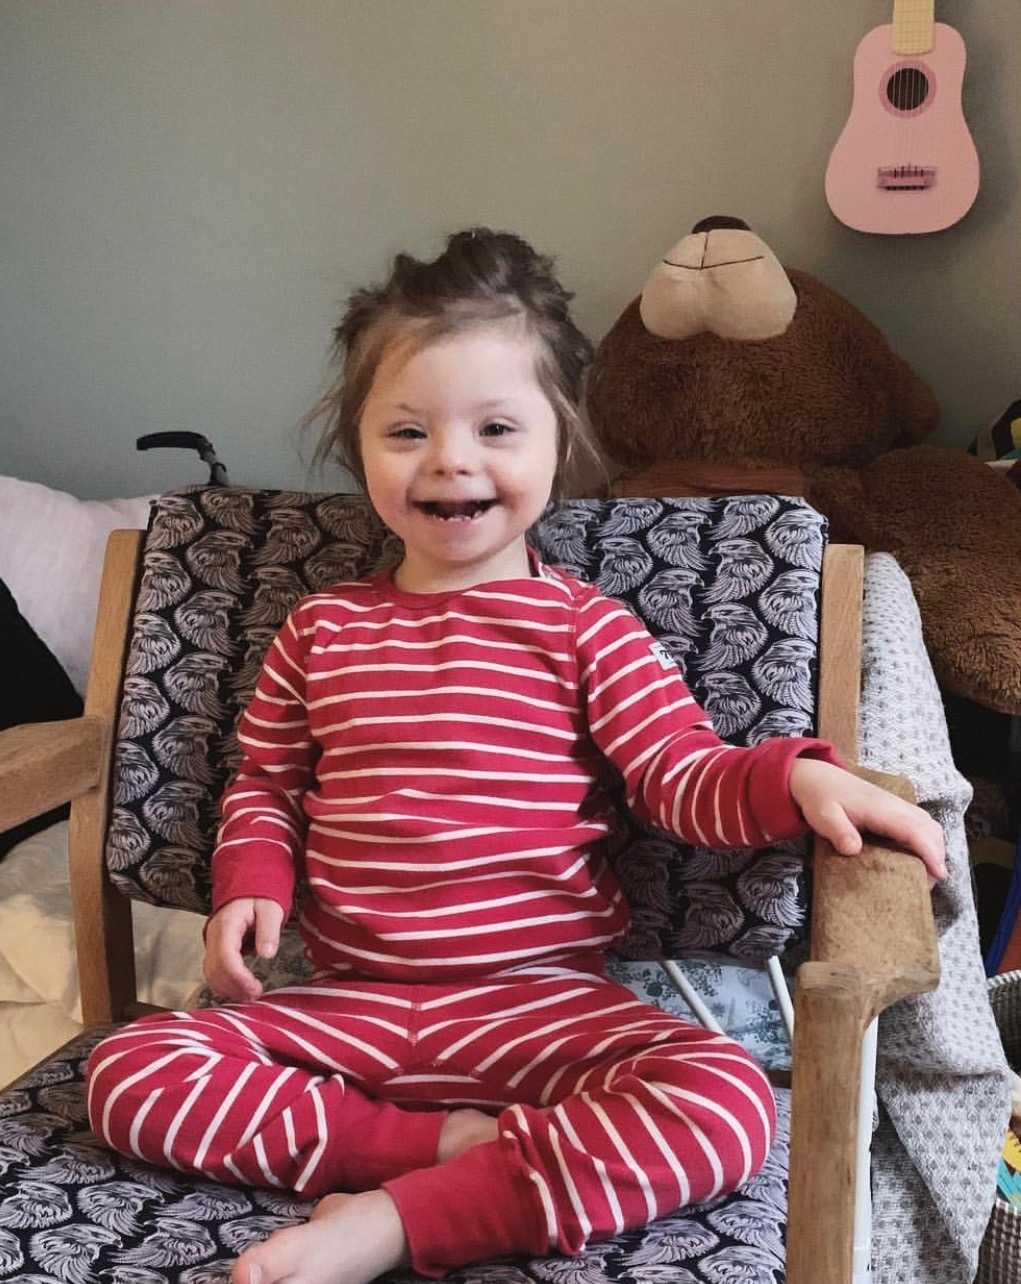 Sin första tid fick Milou bo på sjukhuset. I dag är hon snart fyra år och mår bra.